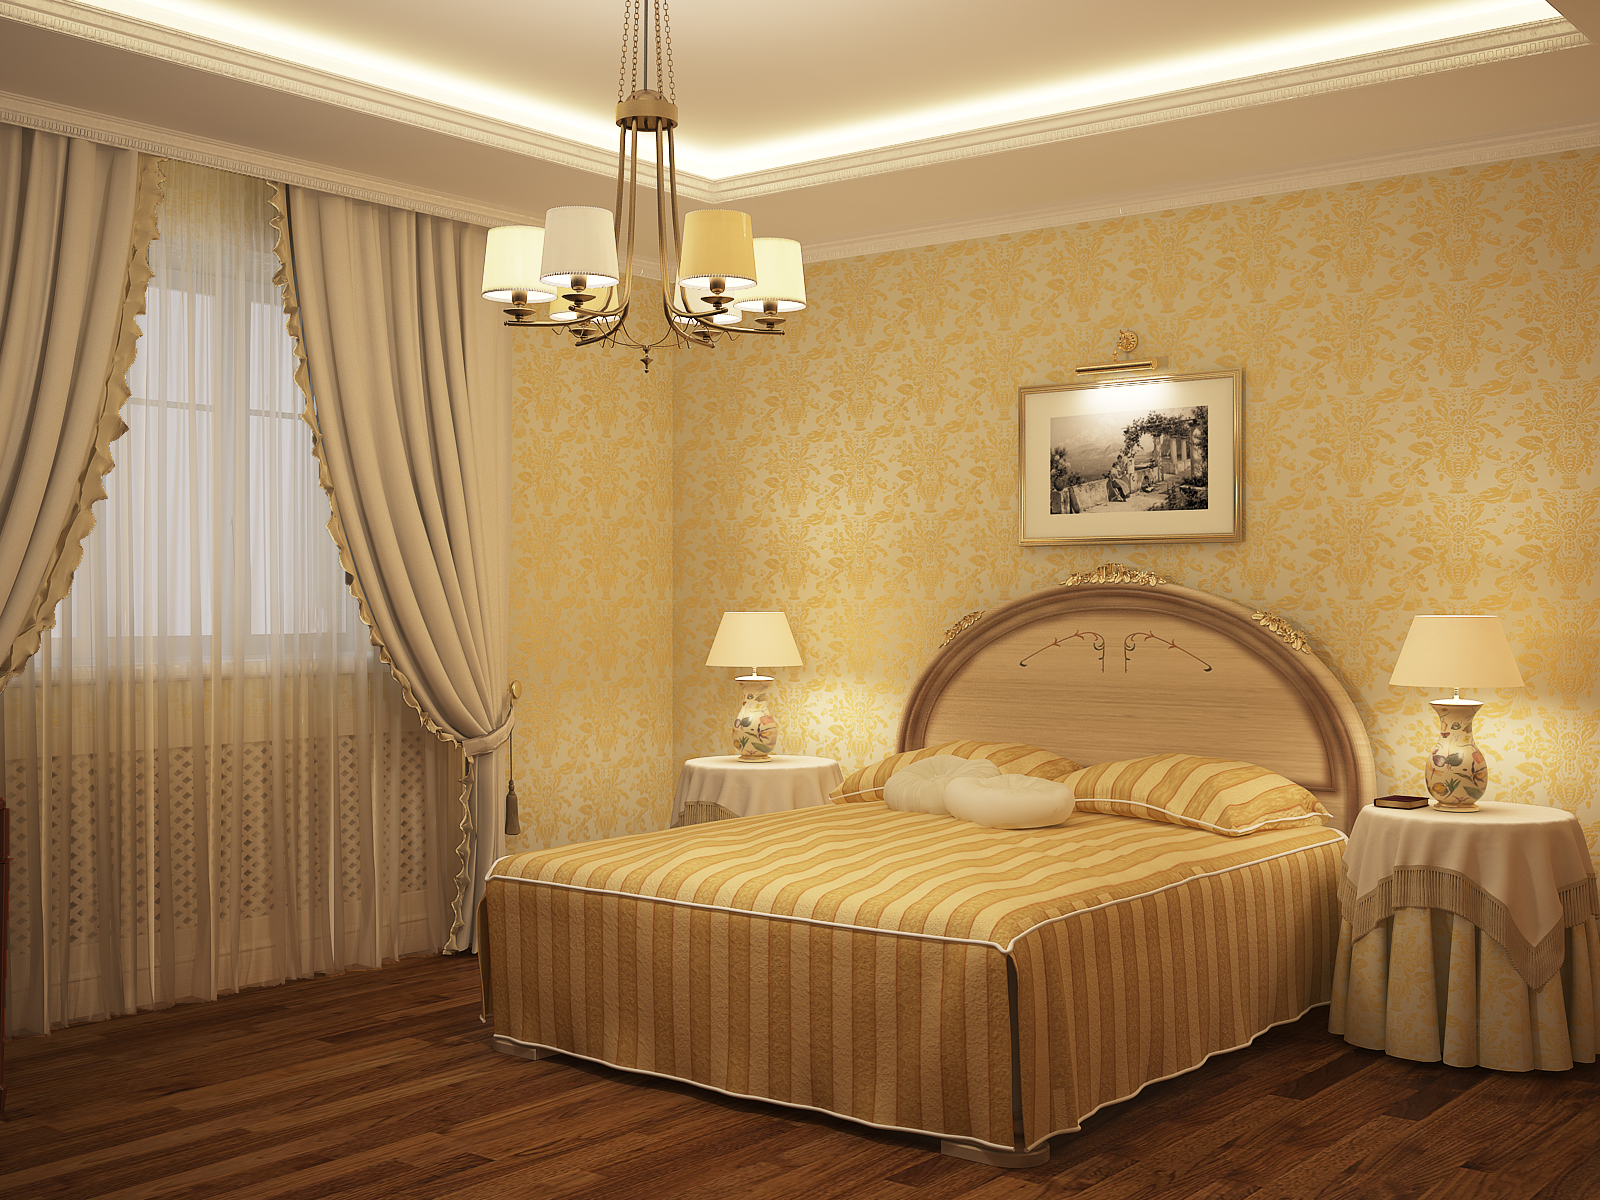 цвет обоев для спальни фото: